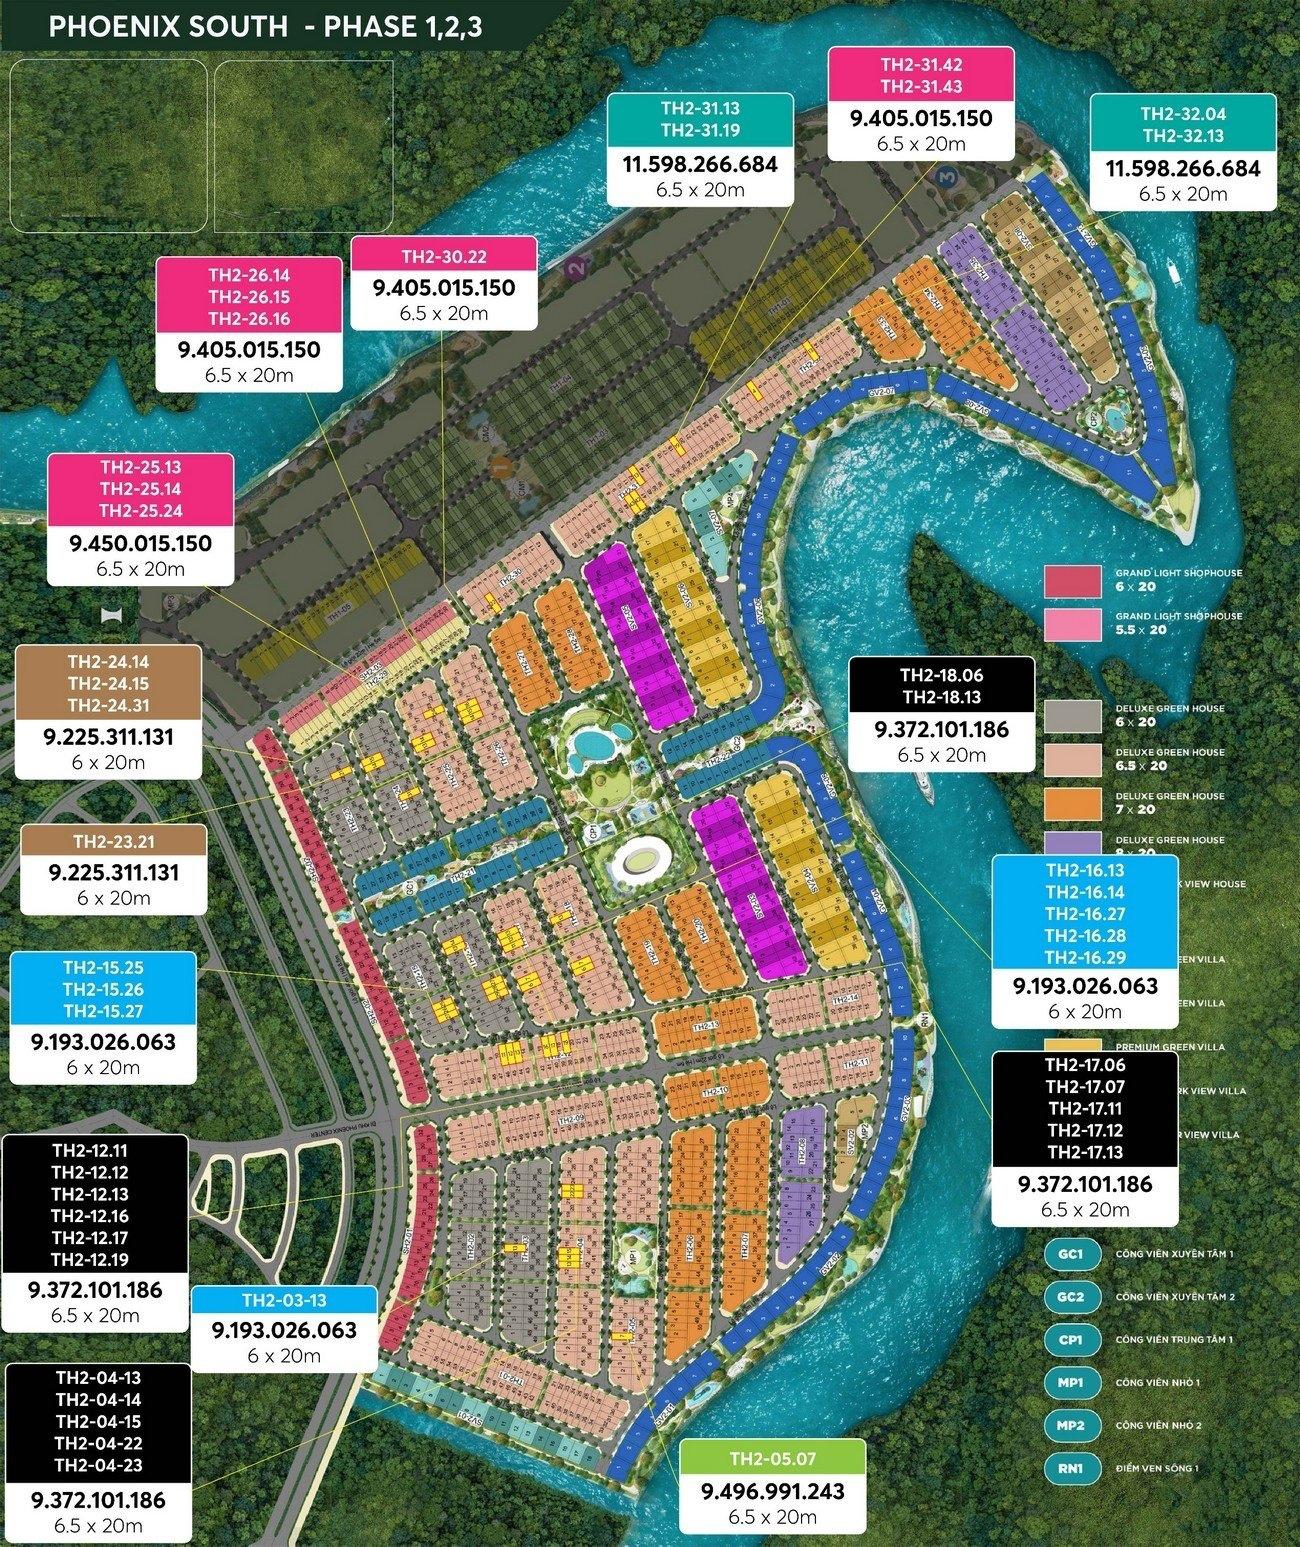 Mặt bằng tổng thể phân khu Đảo Phượng Hoàng tại Aqua City Đồng Nai